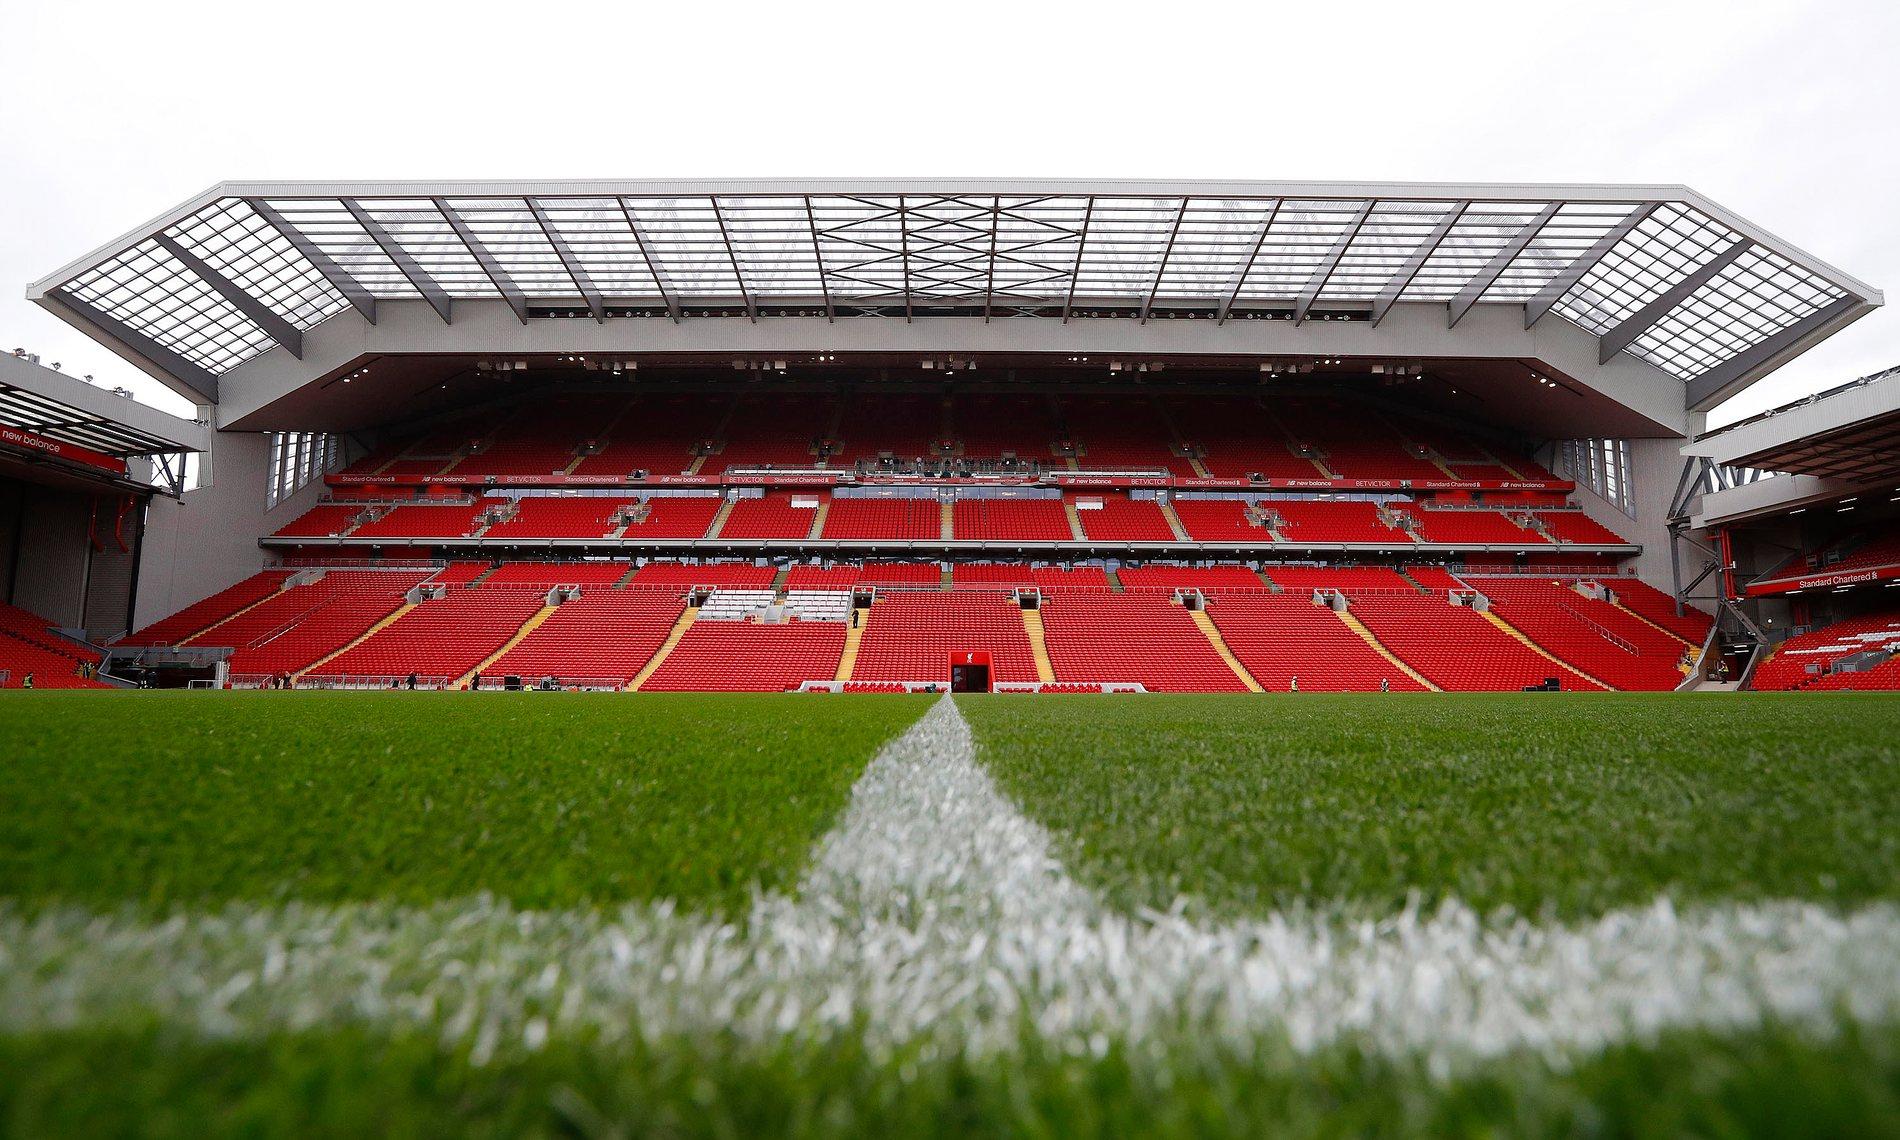 Le foto della nuova Main Stand di Anfield Road